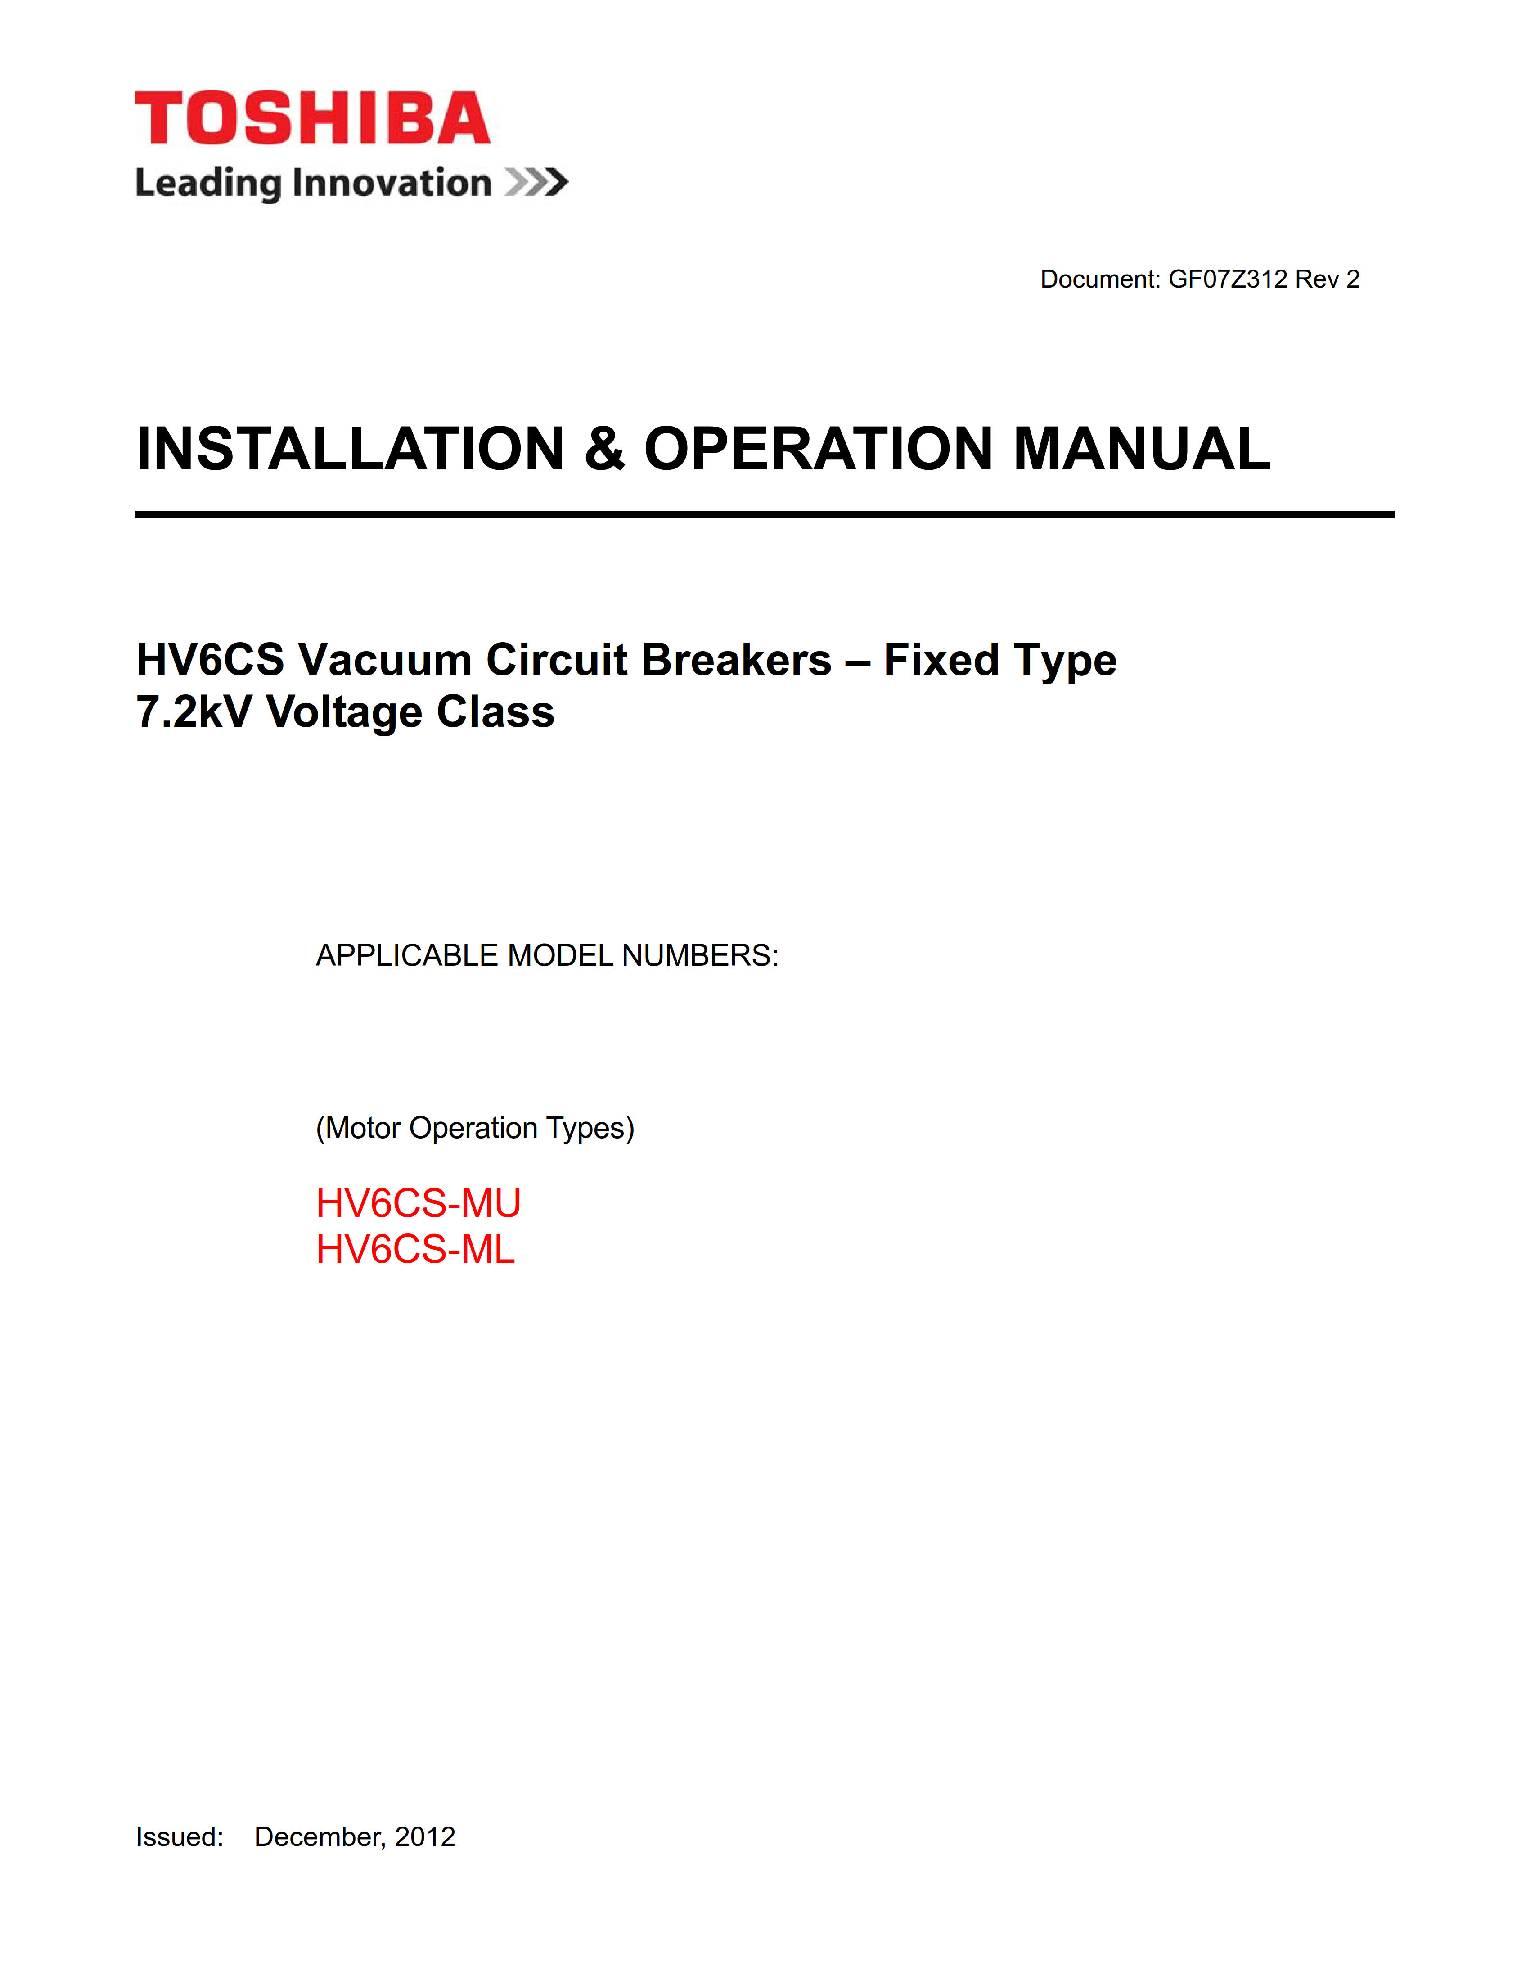 Руководство пользователя на высоковольтные вакуумные выключатели HV6CS-MU_ML (vacuum circuit breaker) Toshiba на английском языке GF07Z312